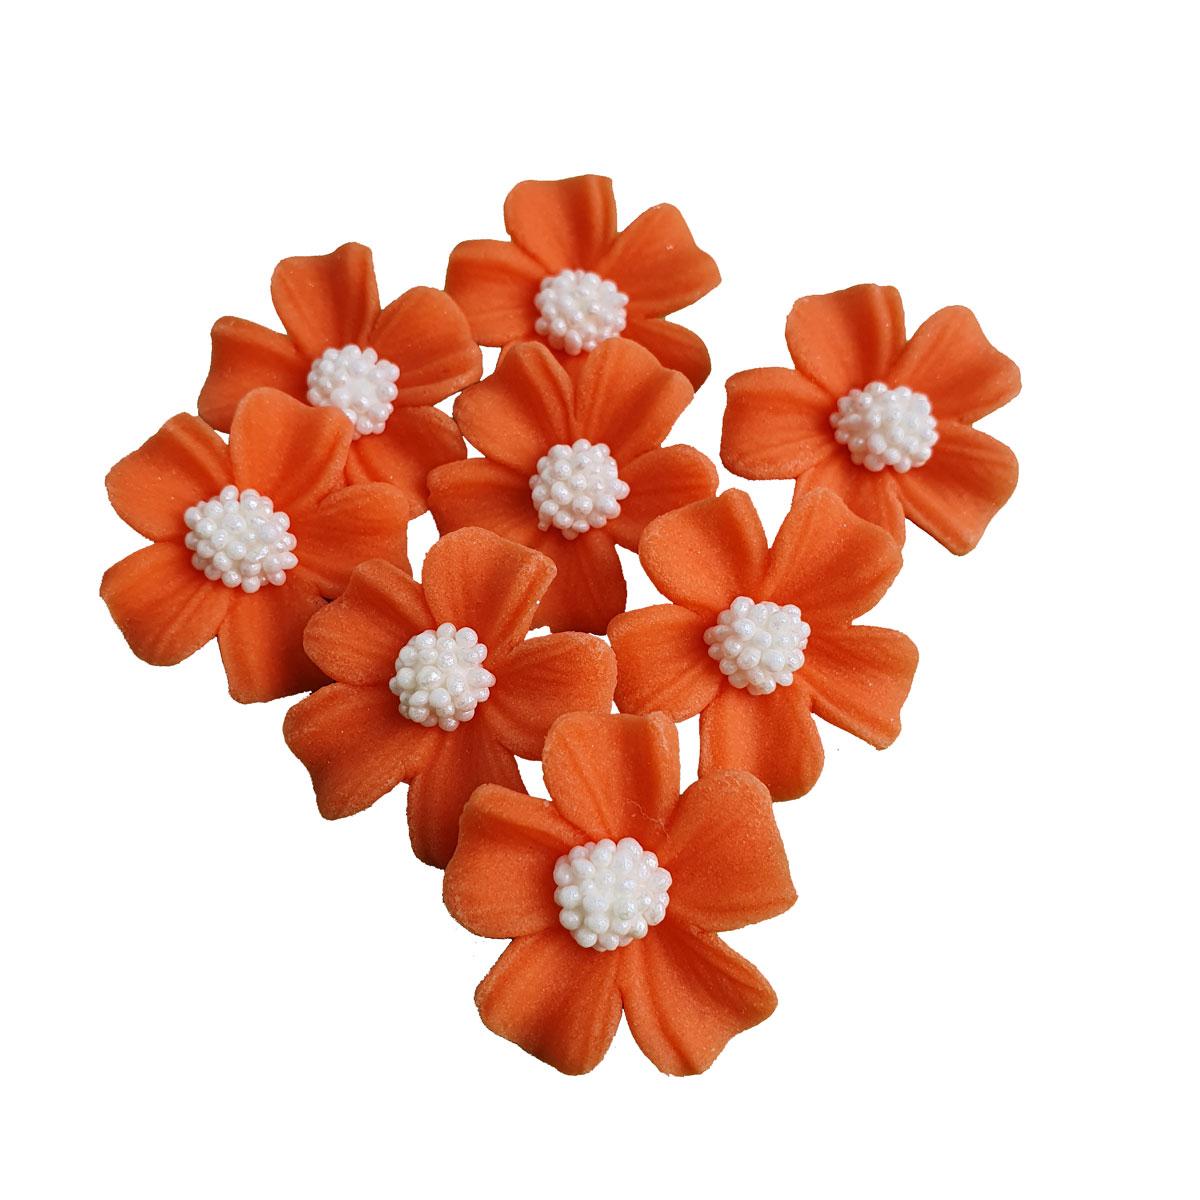 Zuckerblumen Vergissmeinnicht 8 Stück - Orange